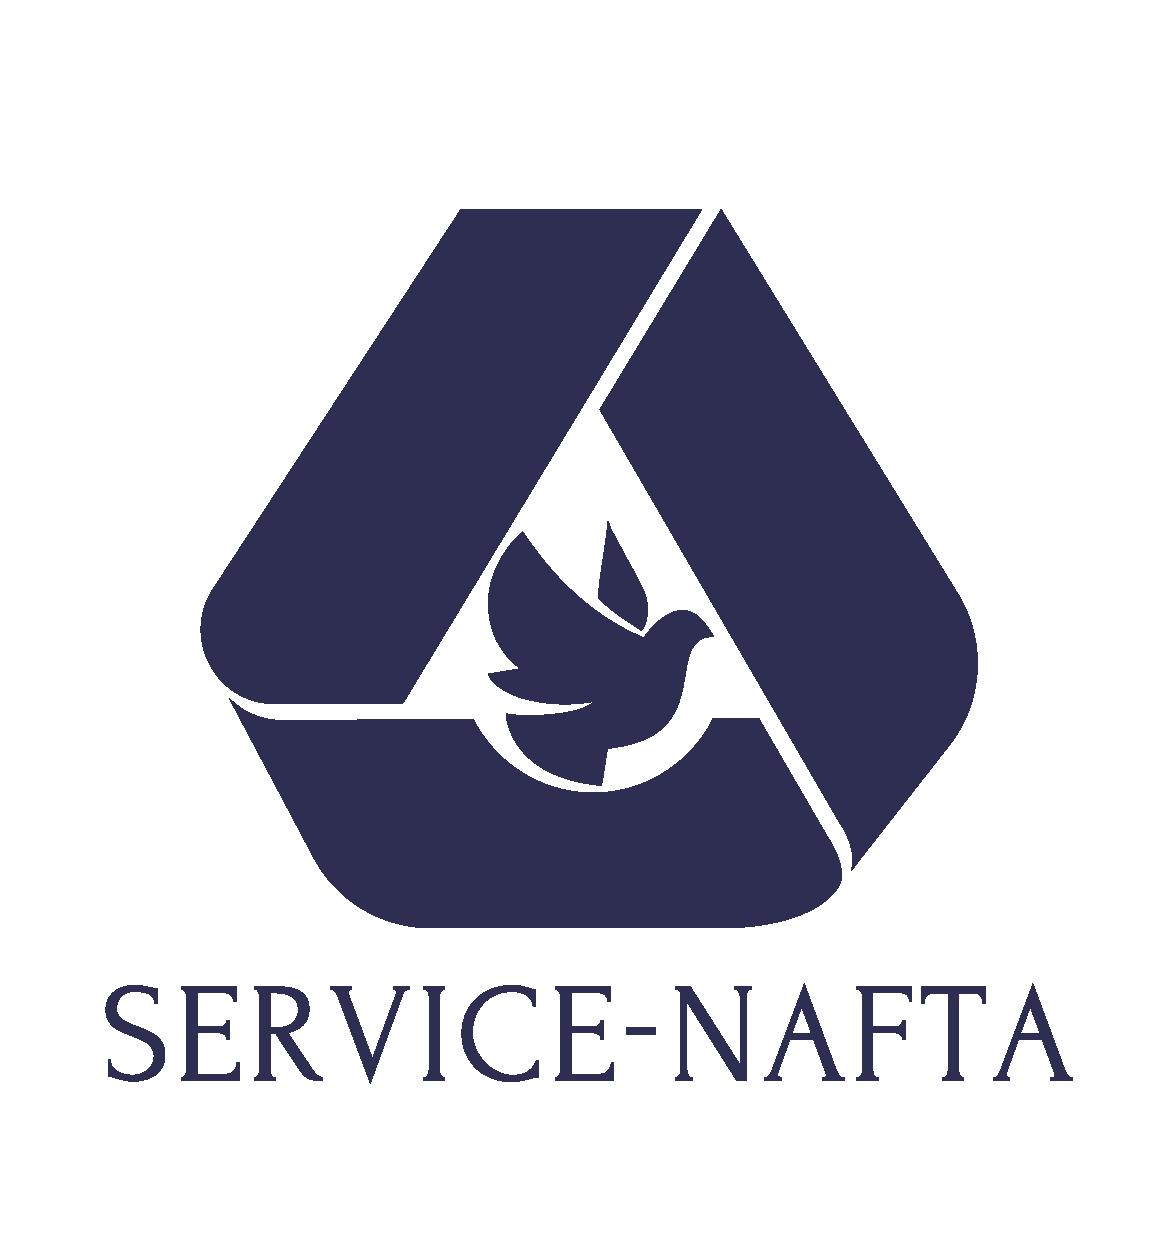 Сервис-нафта